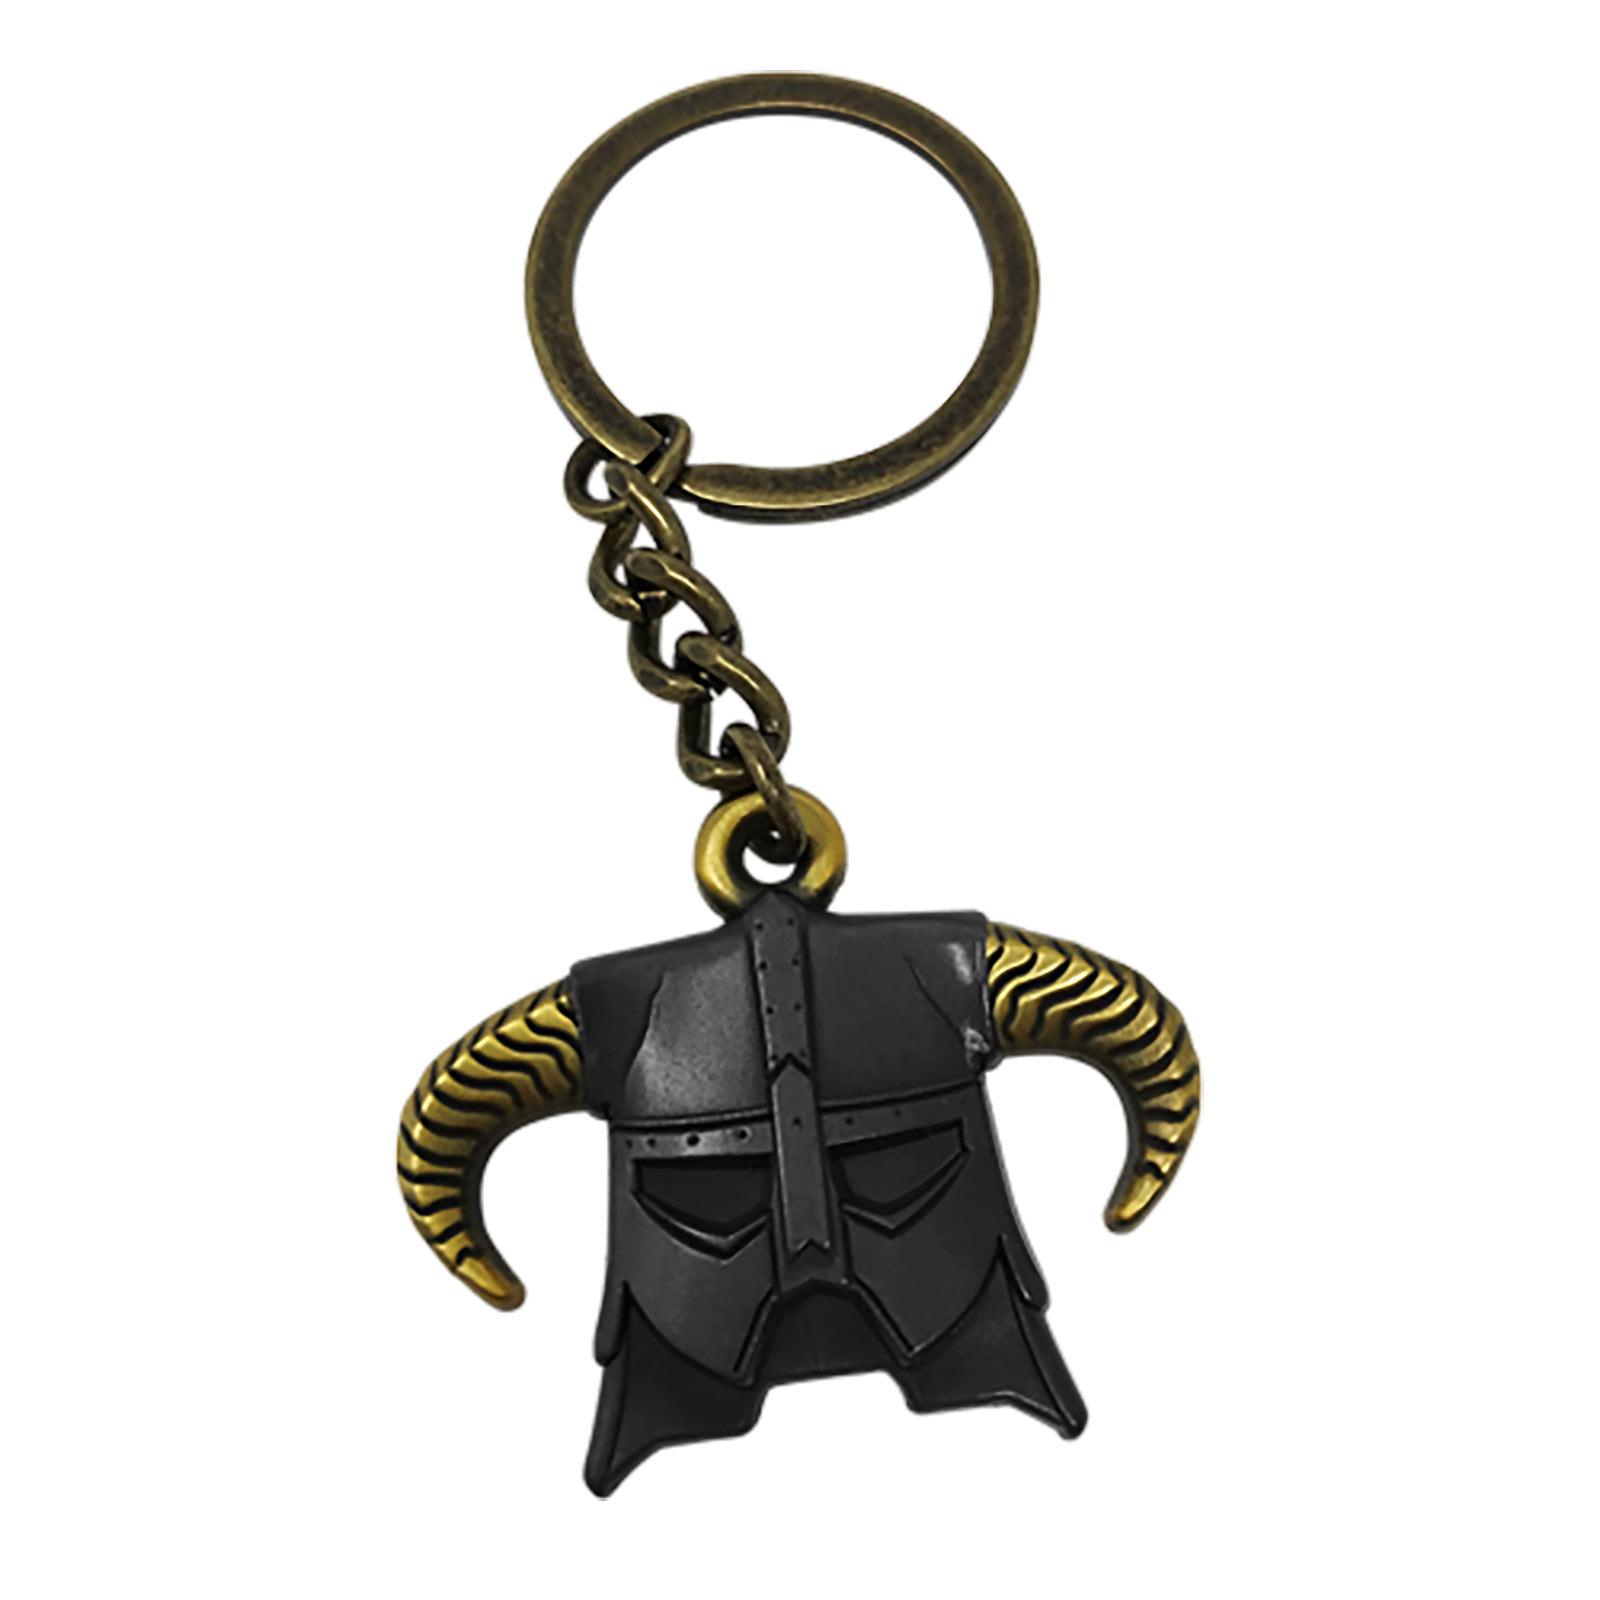 Skyrim - Dovahkiin Helm Schlüsselanhänger limitiert